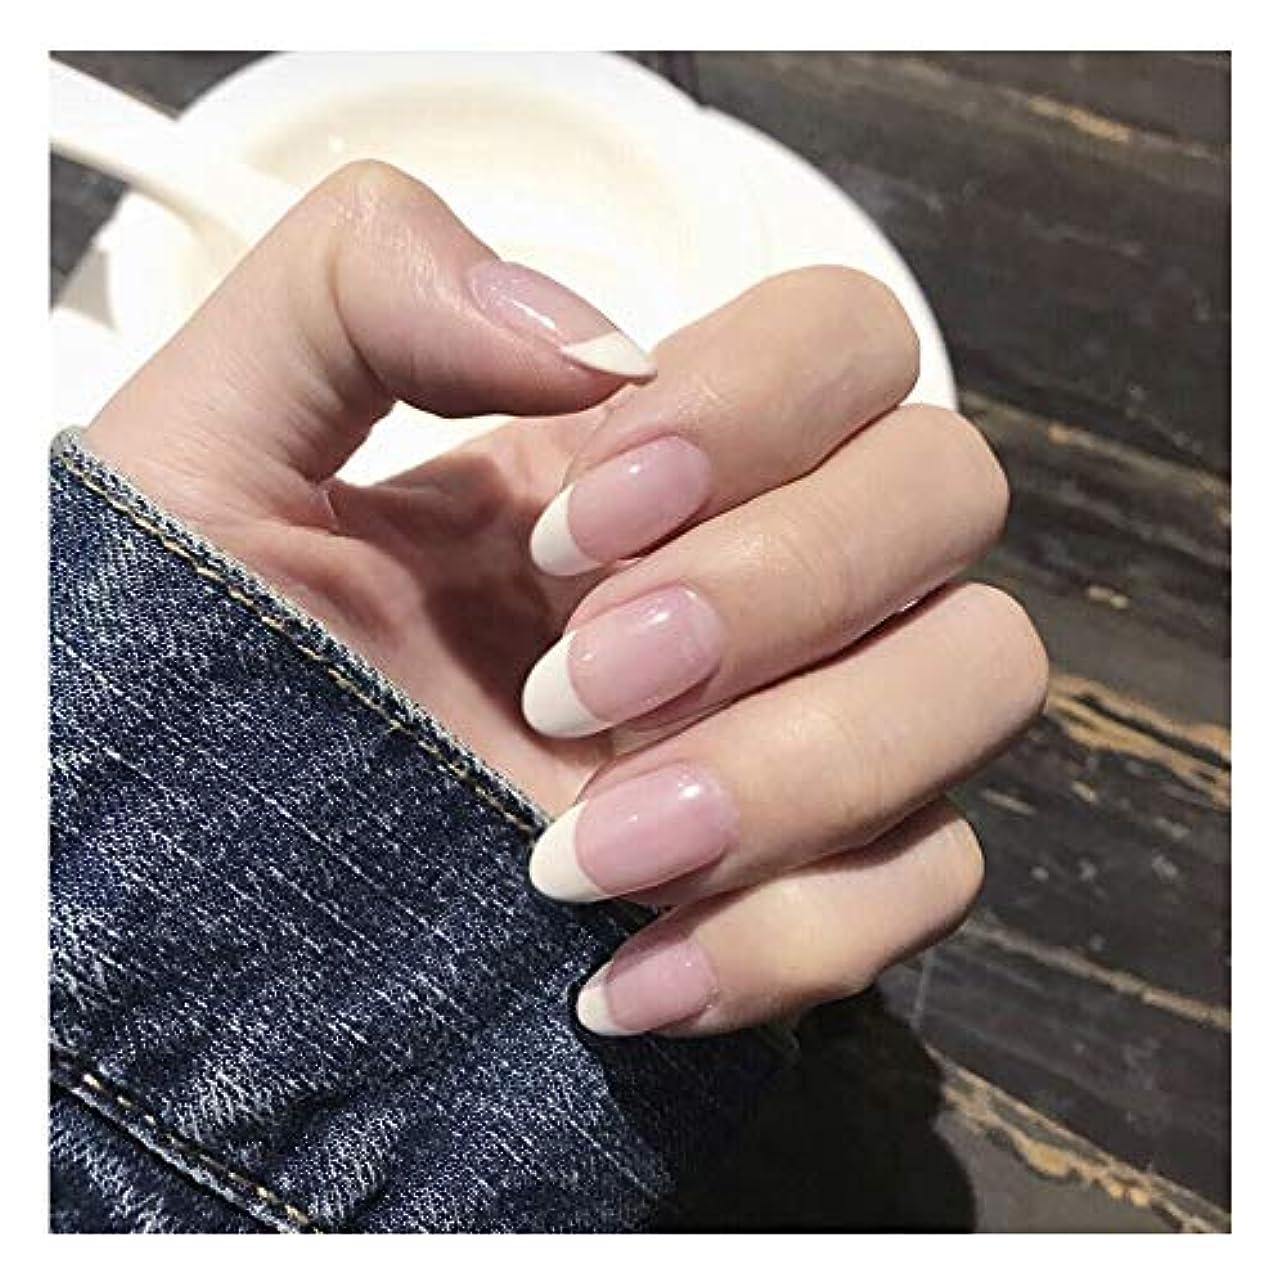 顎鉱夫排気YESONEEP 透明ピンク+ホワイト下部偽爪ロングネイルズグルー完成ネイル偽爪を指摘しました (色 : 24 pieces)